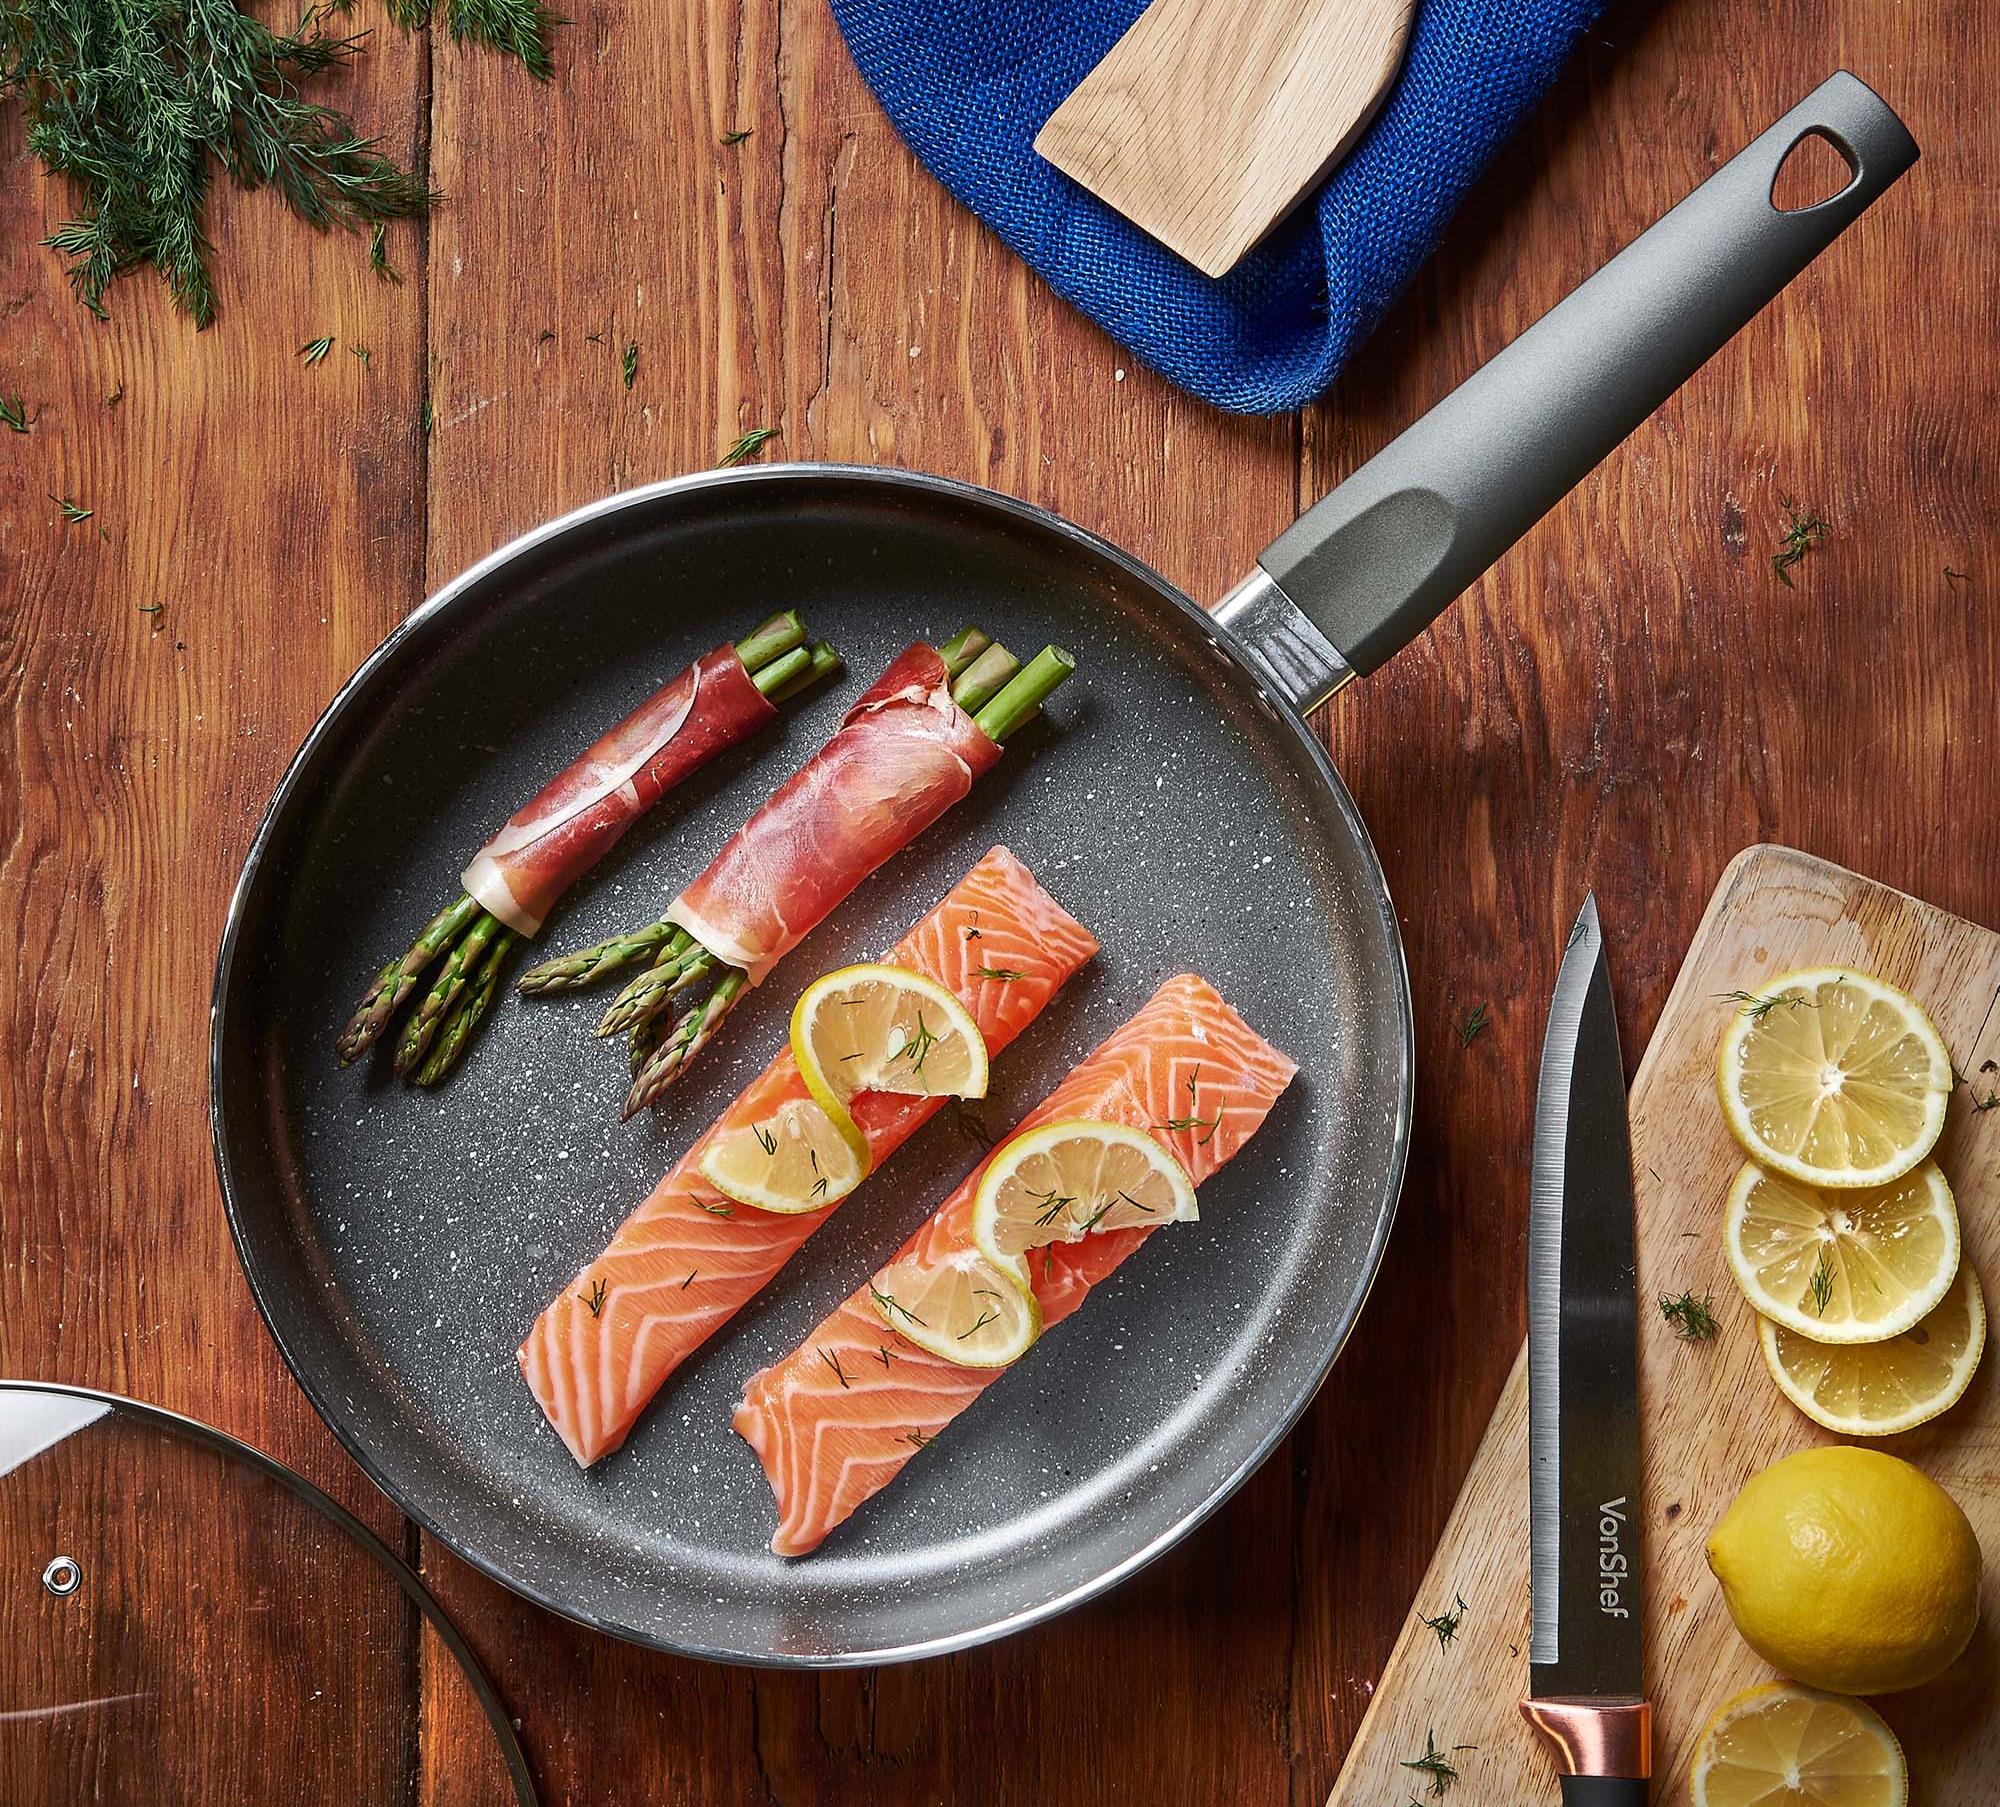 Во время готовки на мраморной сковороде нельзя использовать металлические лопатки и ложки